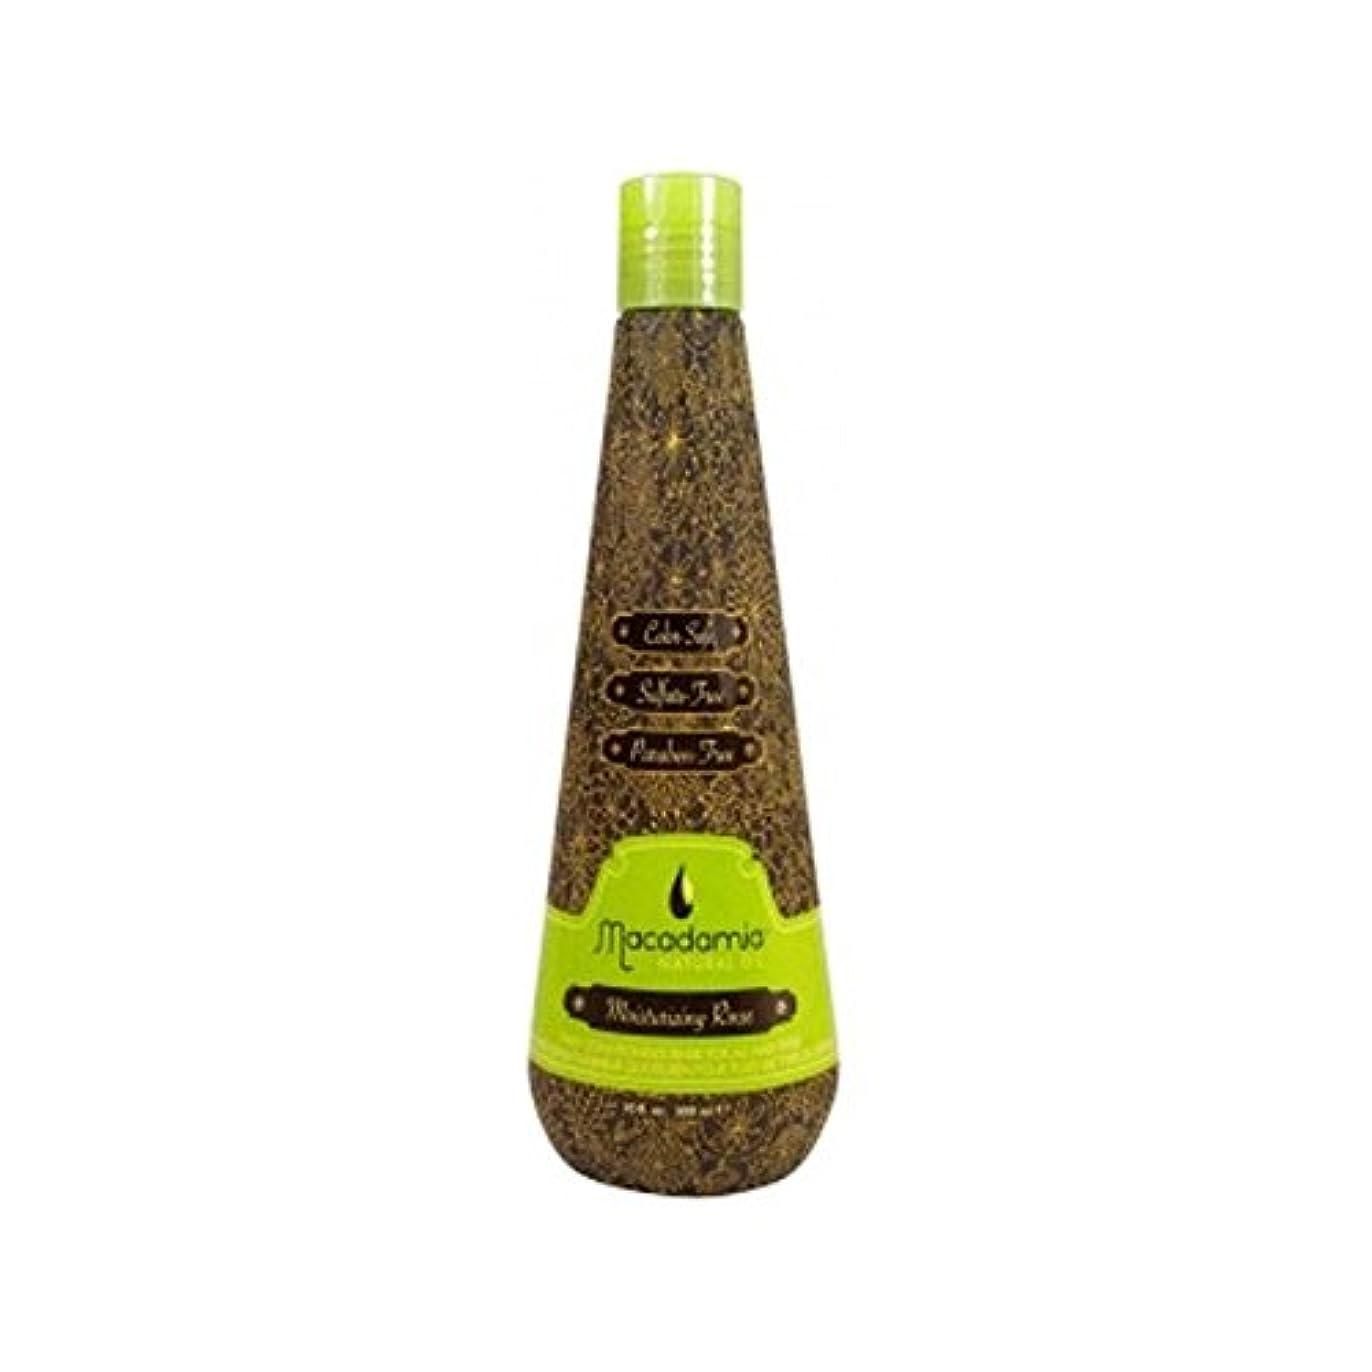 エアコン戦略忠誠マカダミア保湿リンス(300ミリリットル) x4 - Macadamia Moisturising Rinse (300ml) (Pack of 4) [並行輸入品]